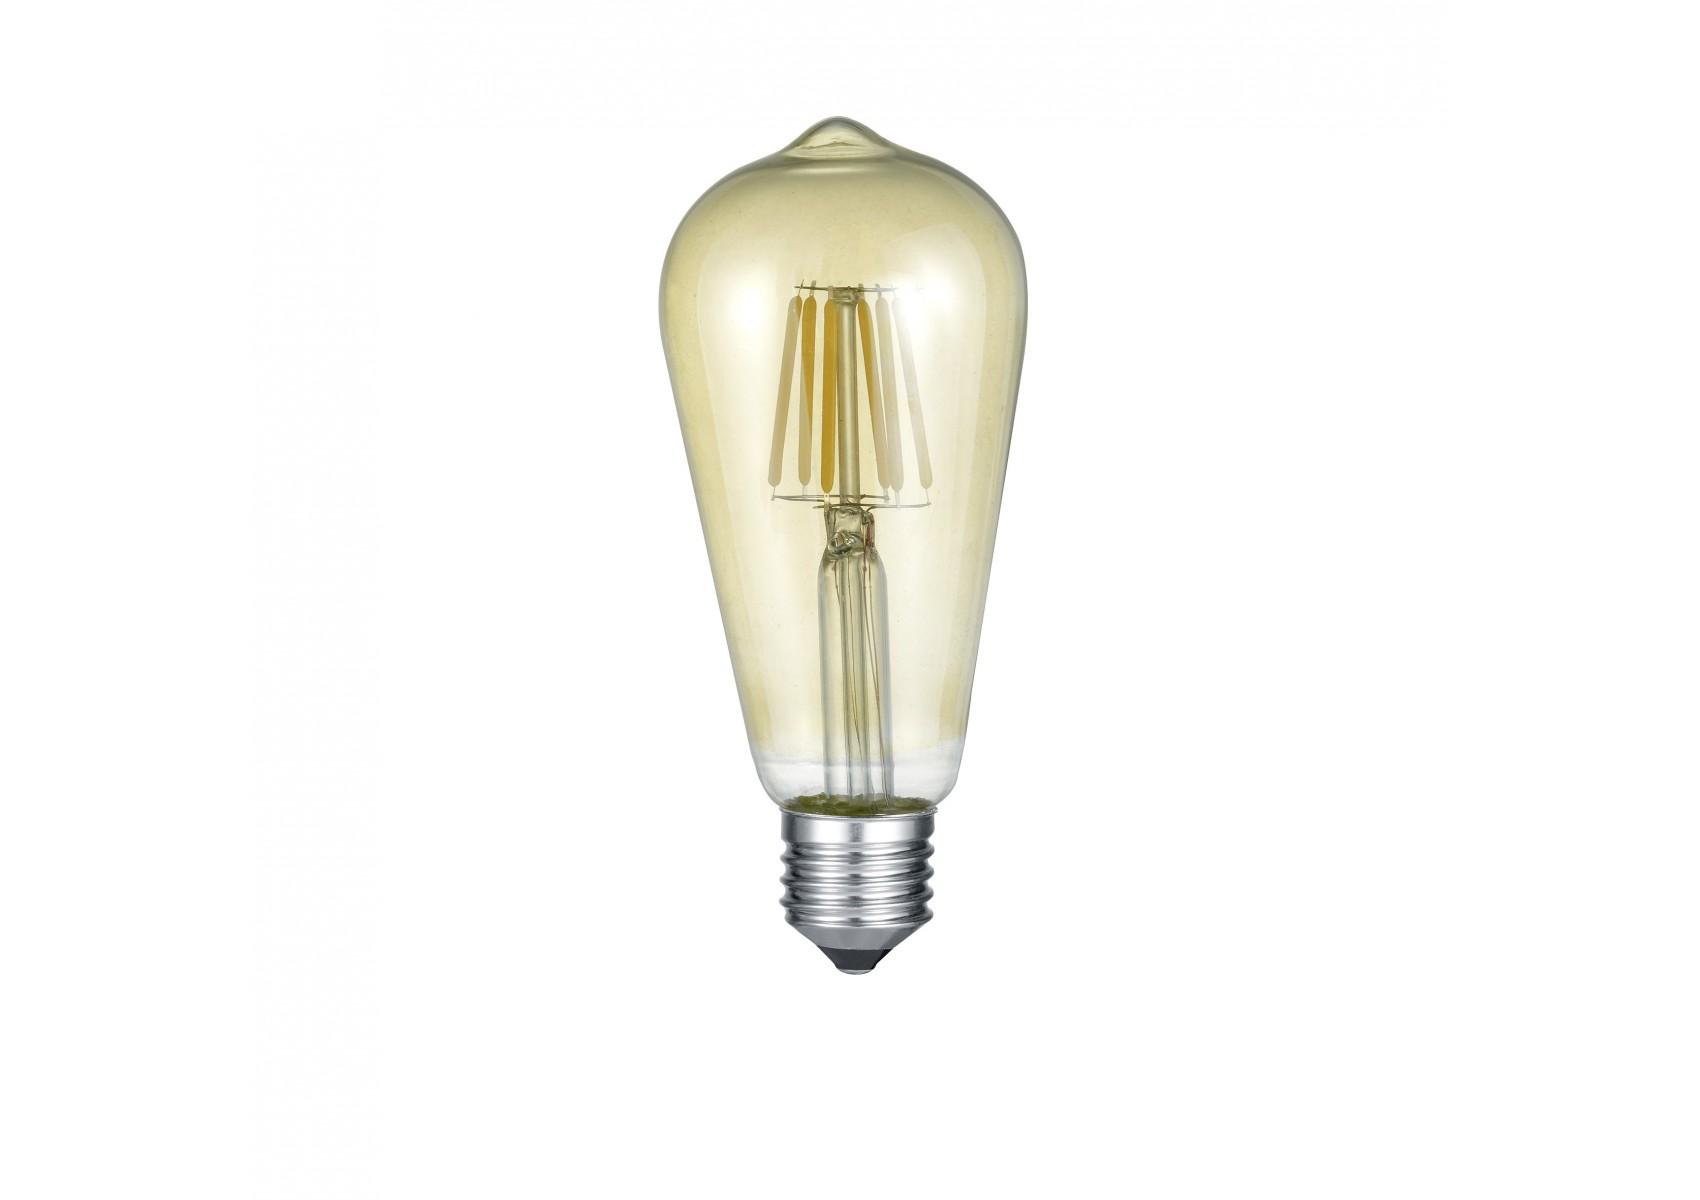 Ampoule longue LED E27 Déco filament 420 lm 6W jaune